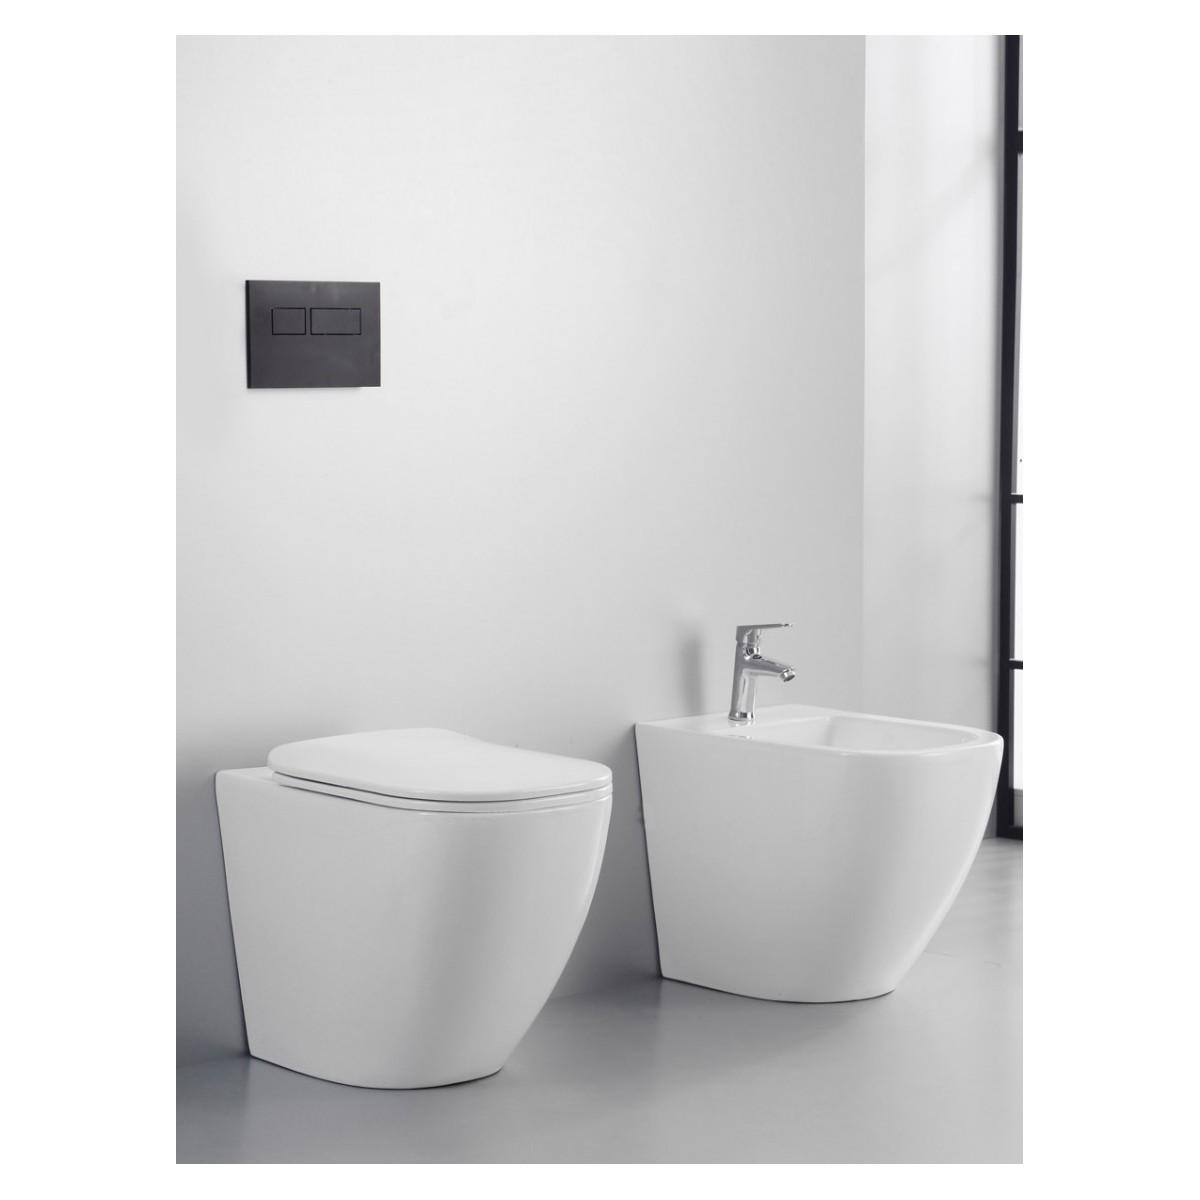 Toilettes et bidet sans rebord de